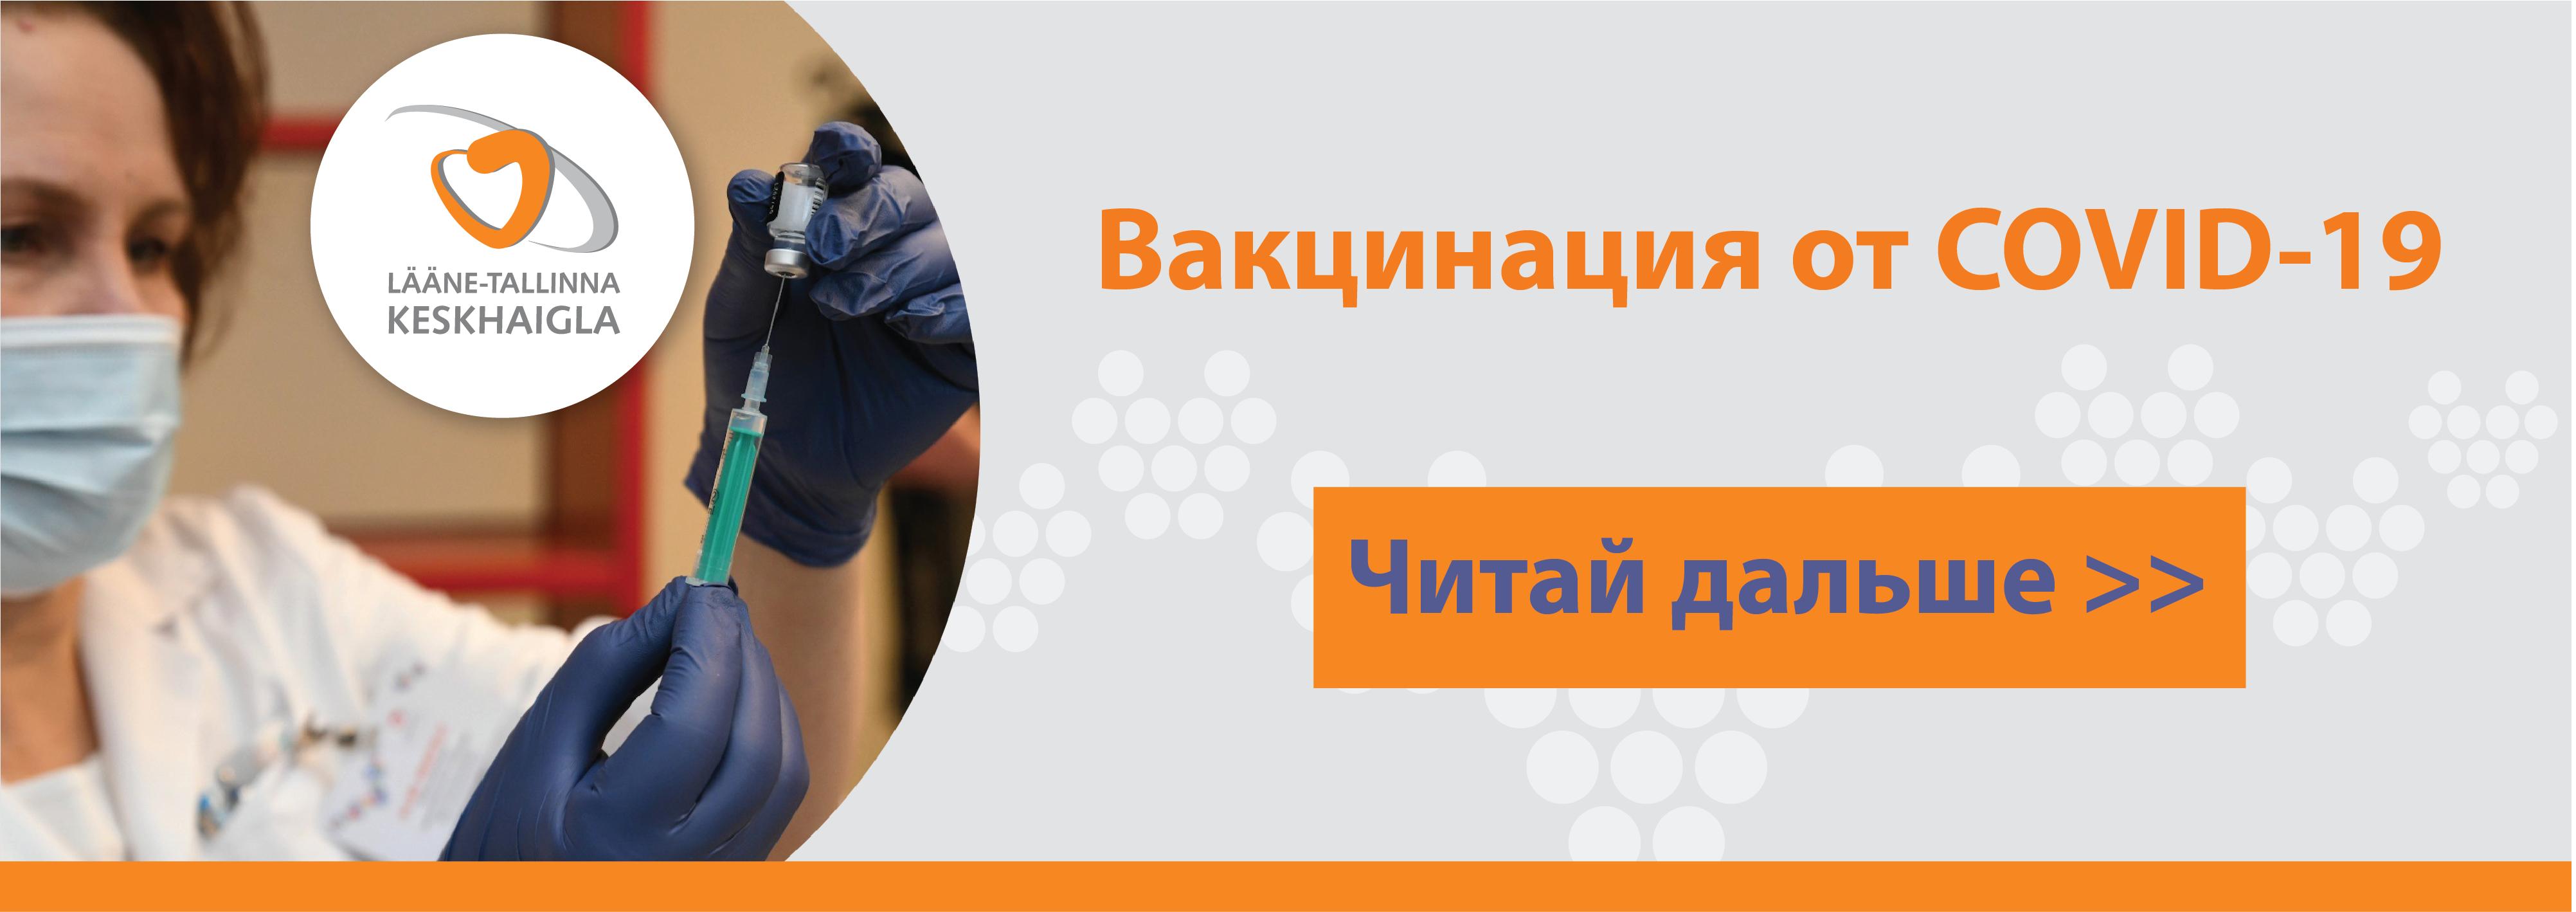 slider_covid-19-vaktsineerimine-sept-2021-RUS